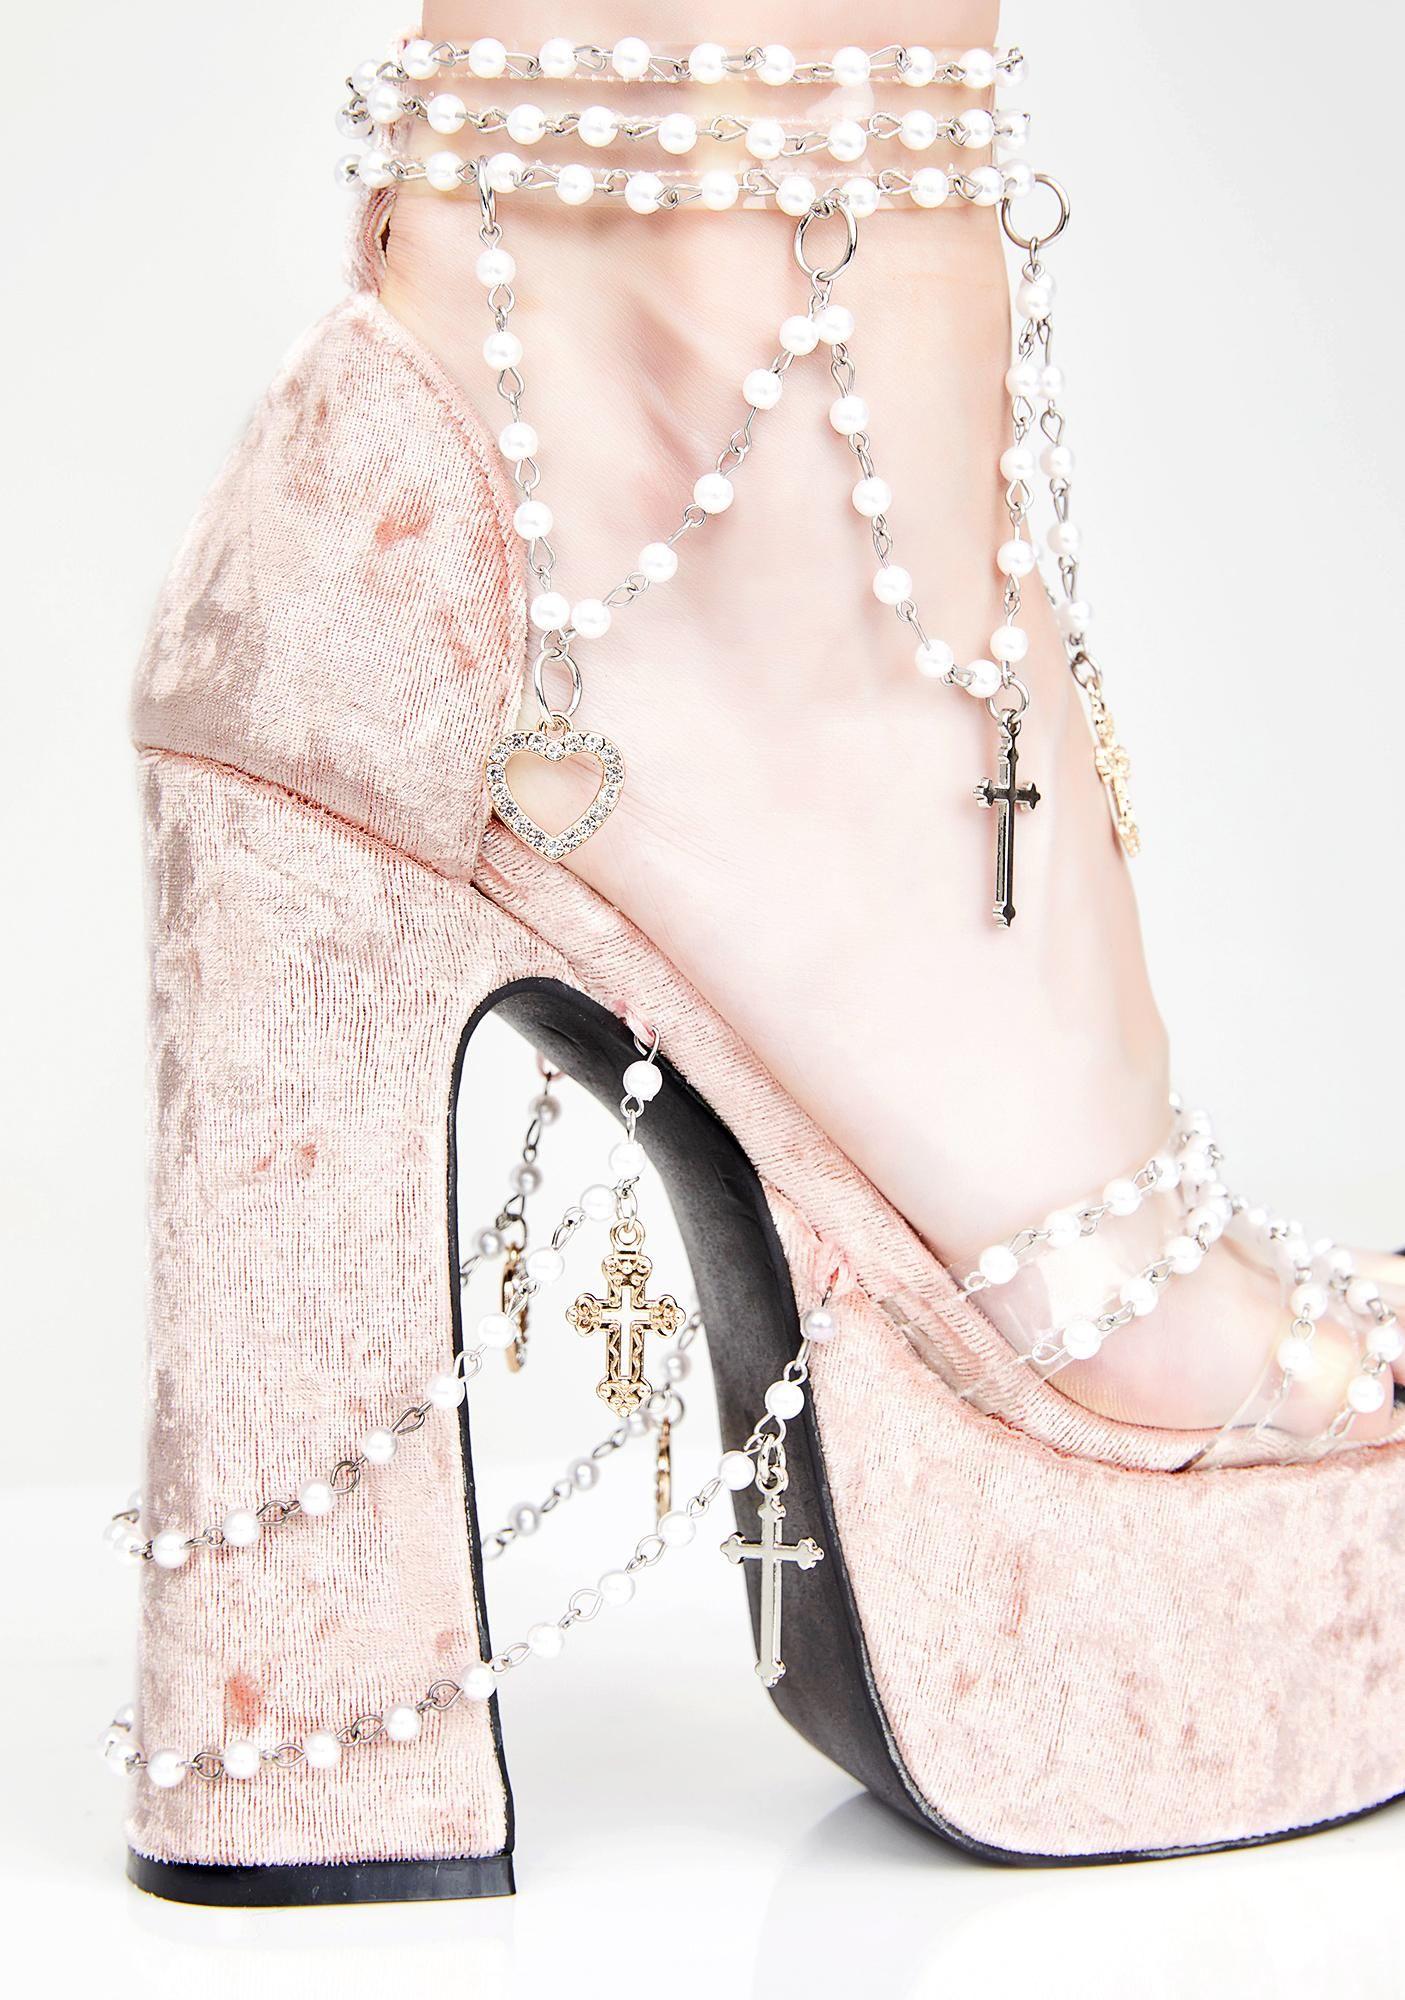 revelation shoes